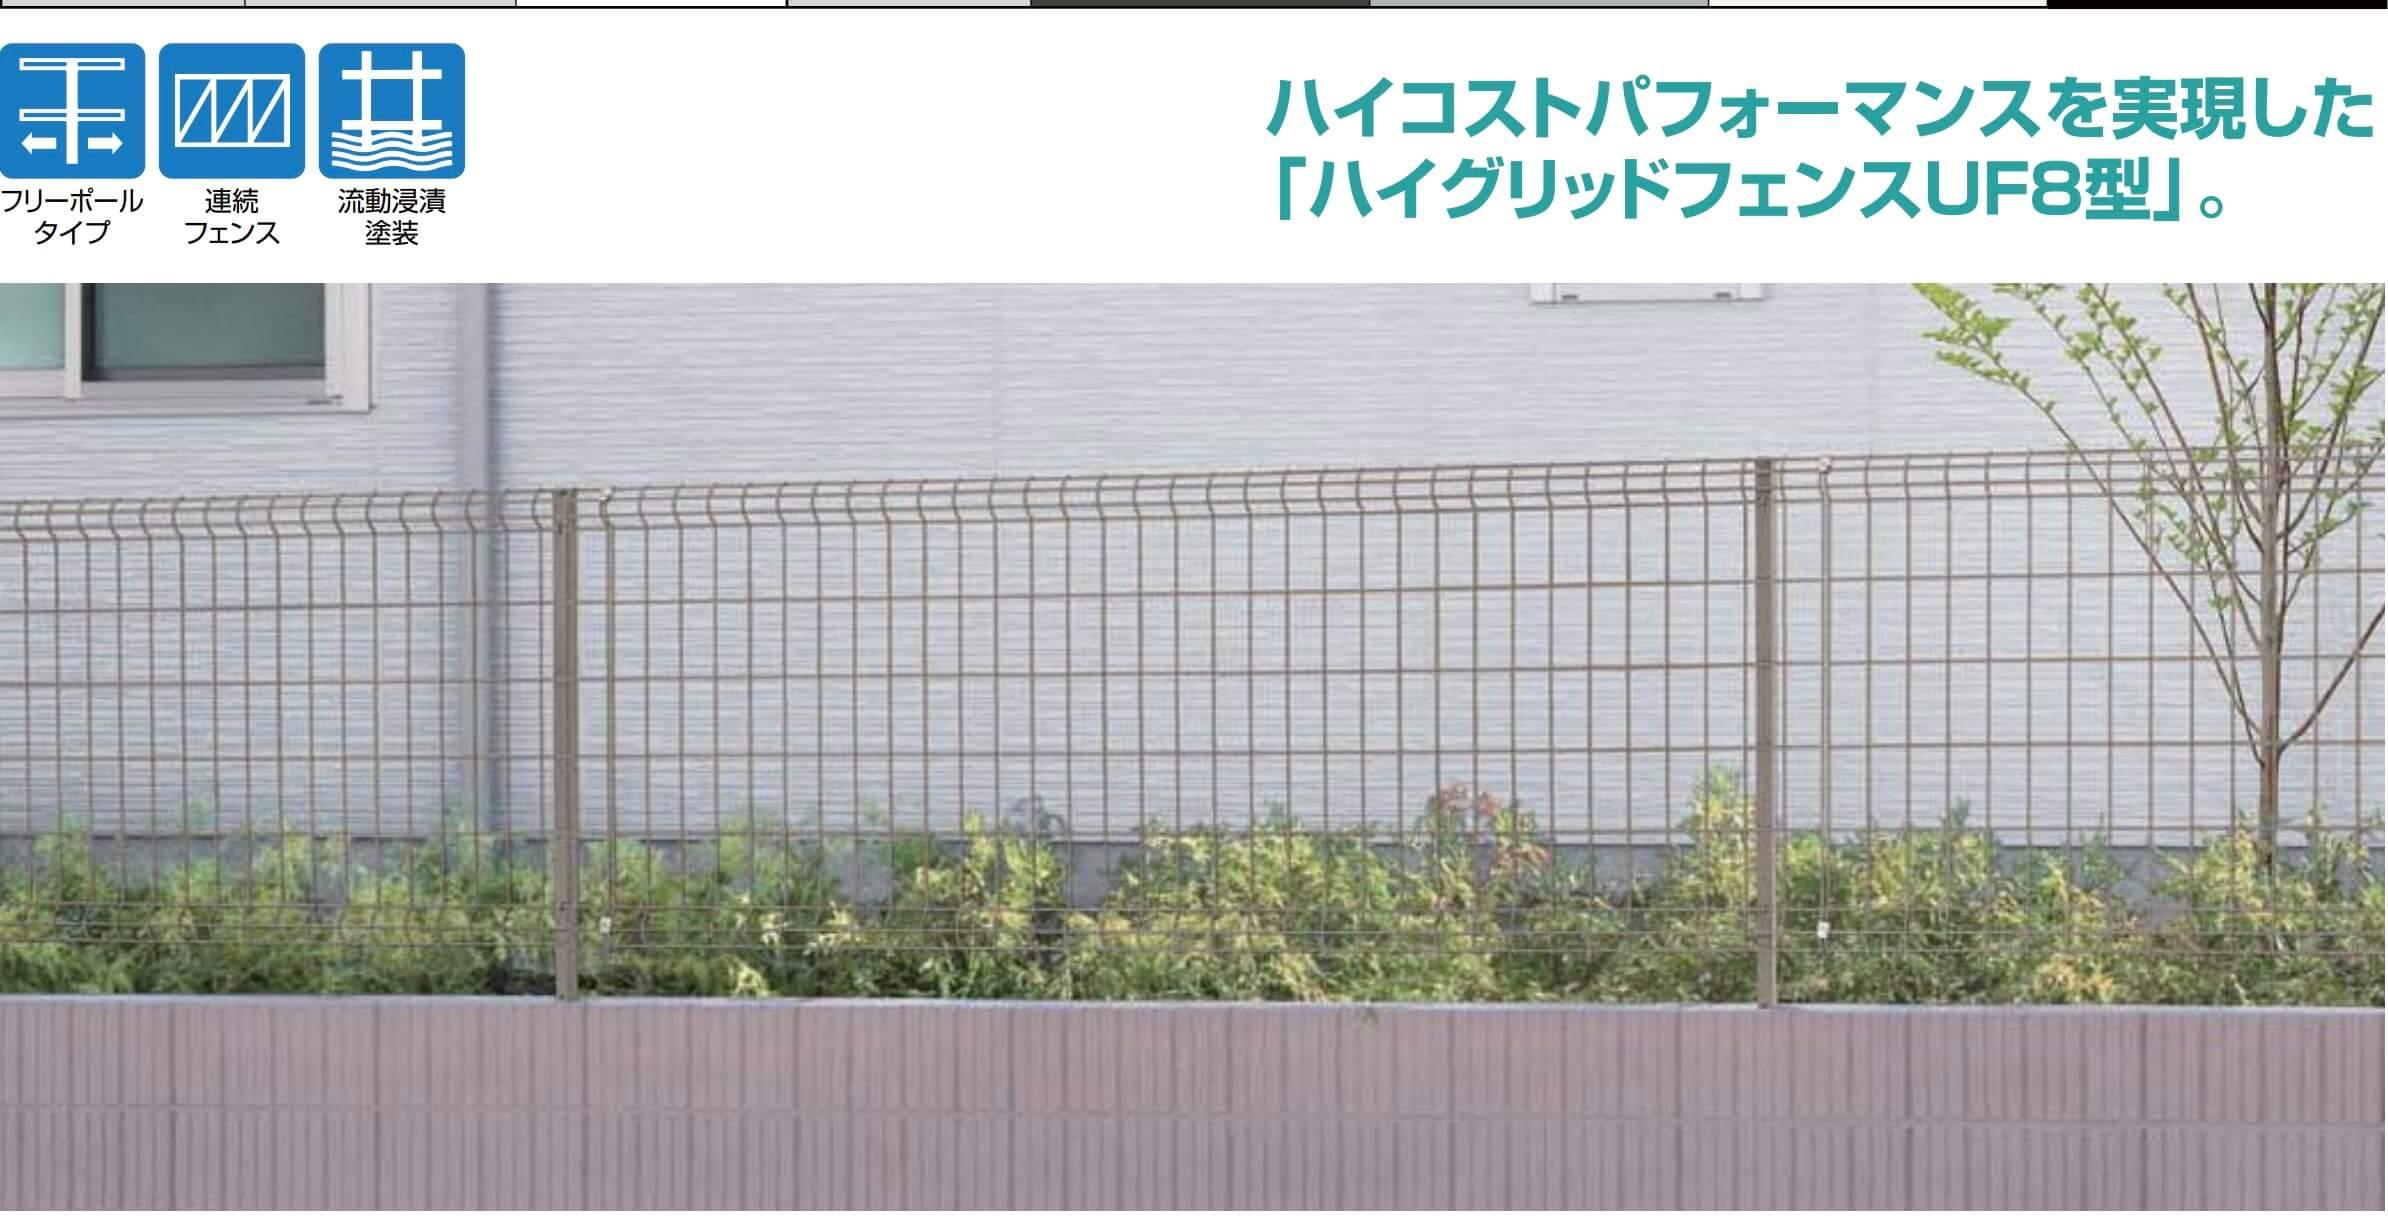 低い境界フェンス